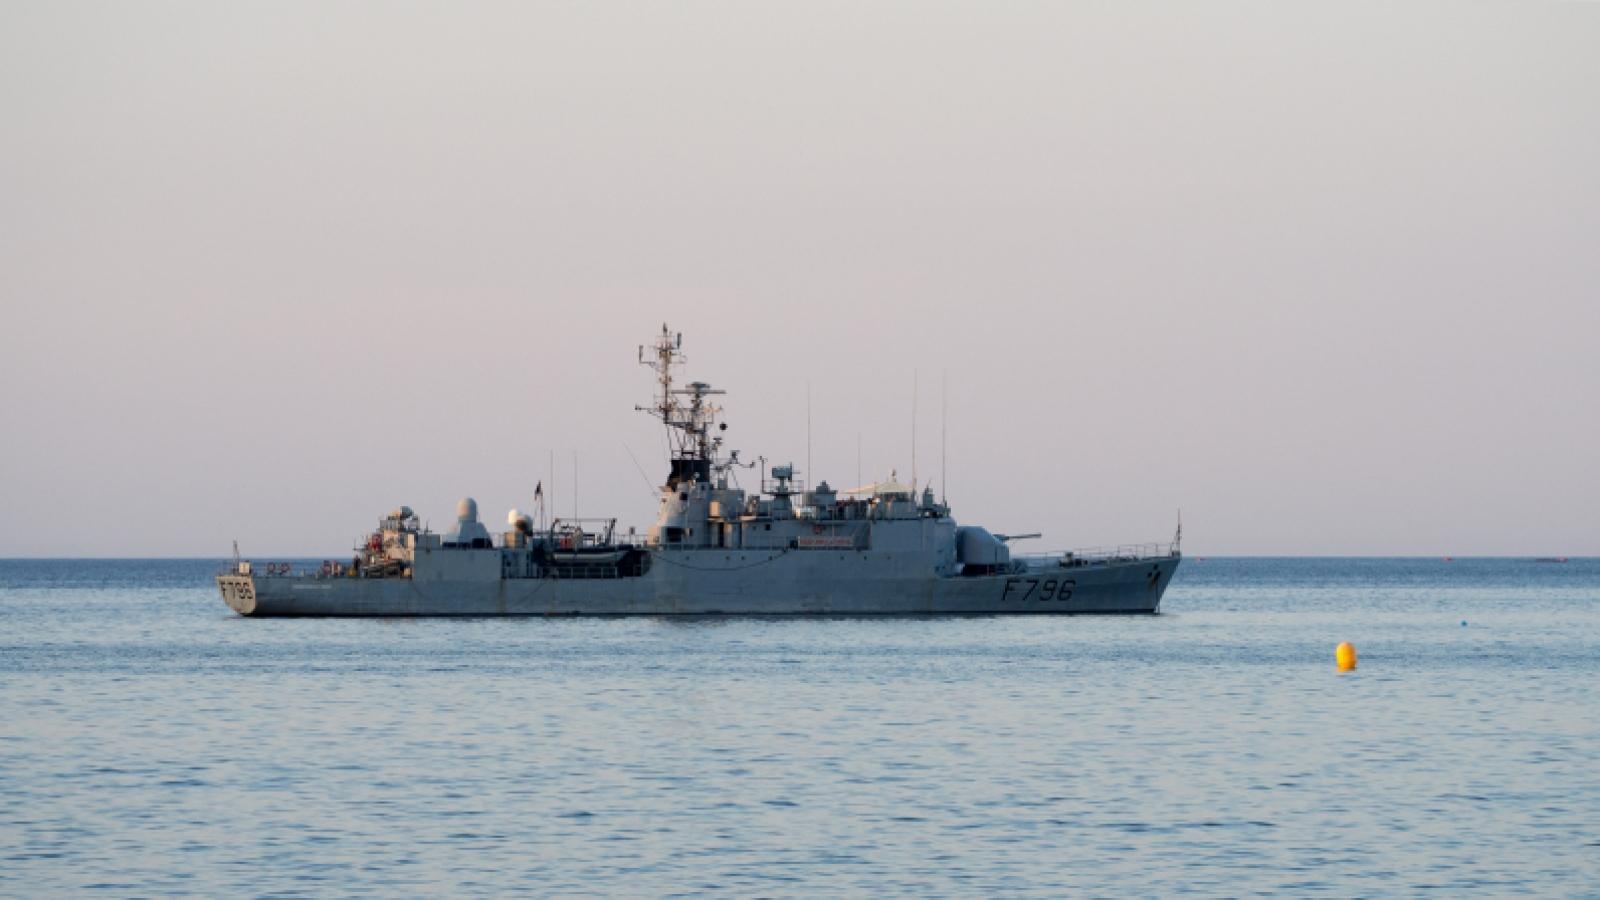 Tàu Pháp vào Biển Đen, Hải quân Nga theo dõi chặt chẽ